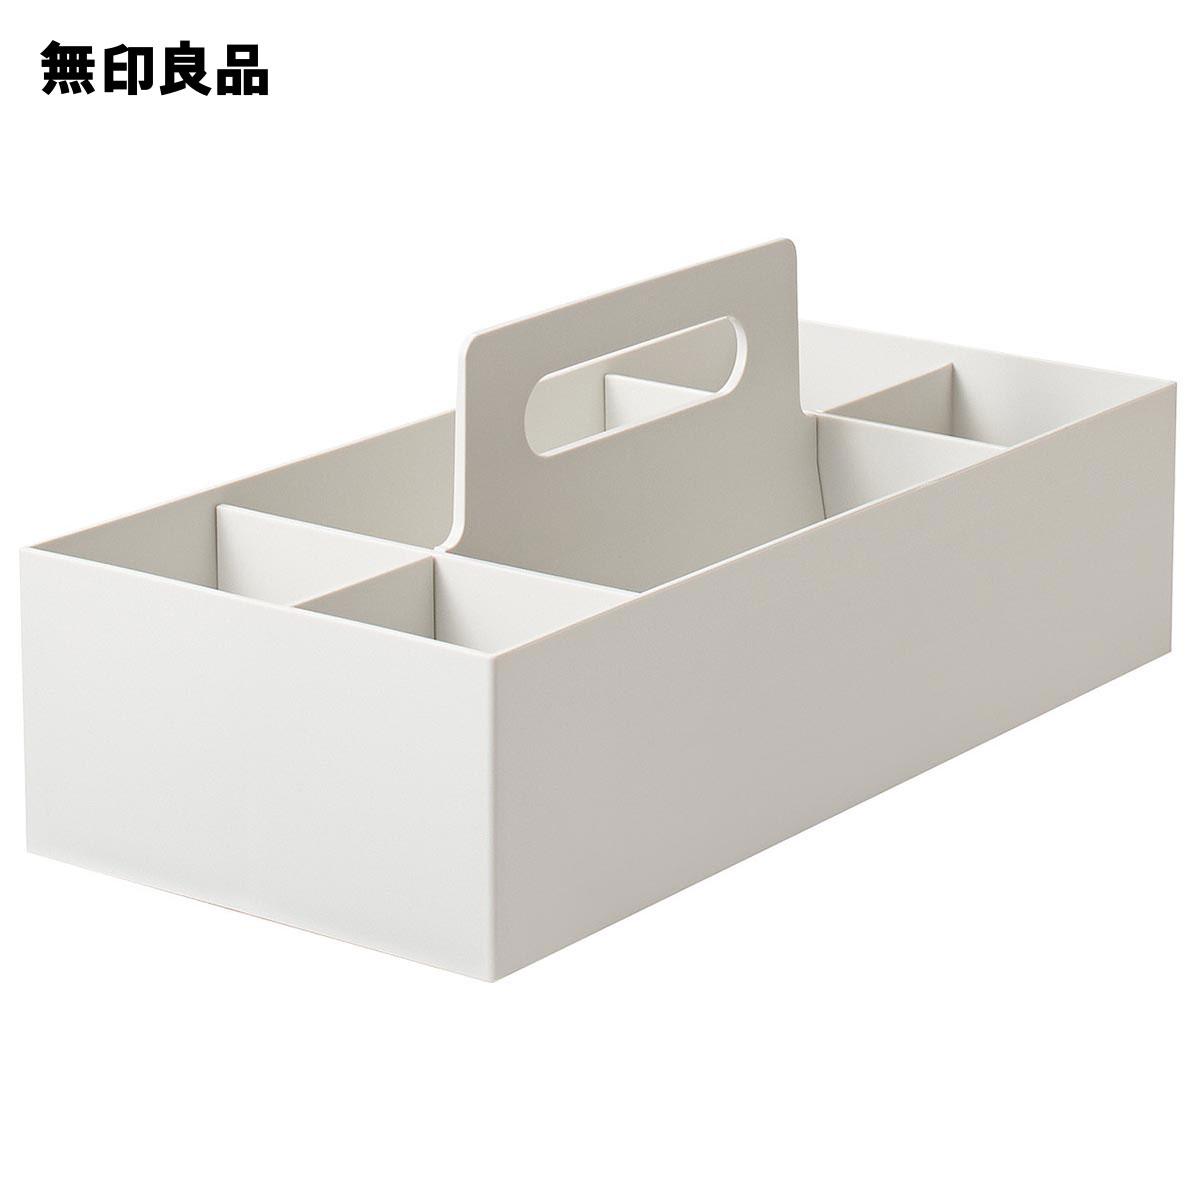 無印良品 公式 ポリプロピレン収納キャリーボックス ワイド 全国一律送料無料 デポー ホワイトグレー